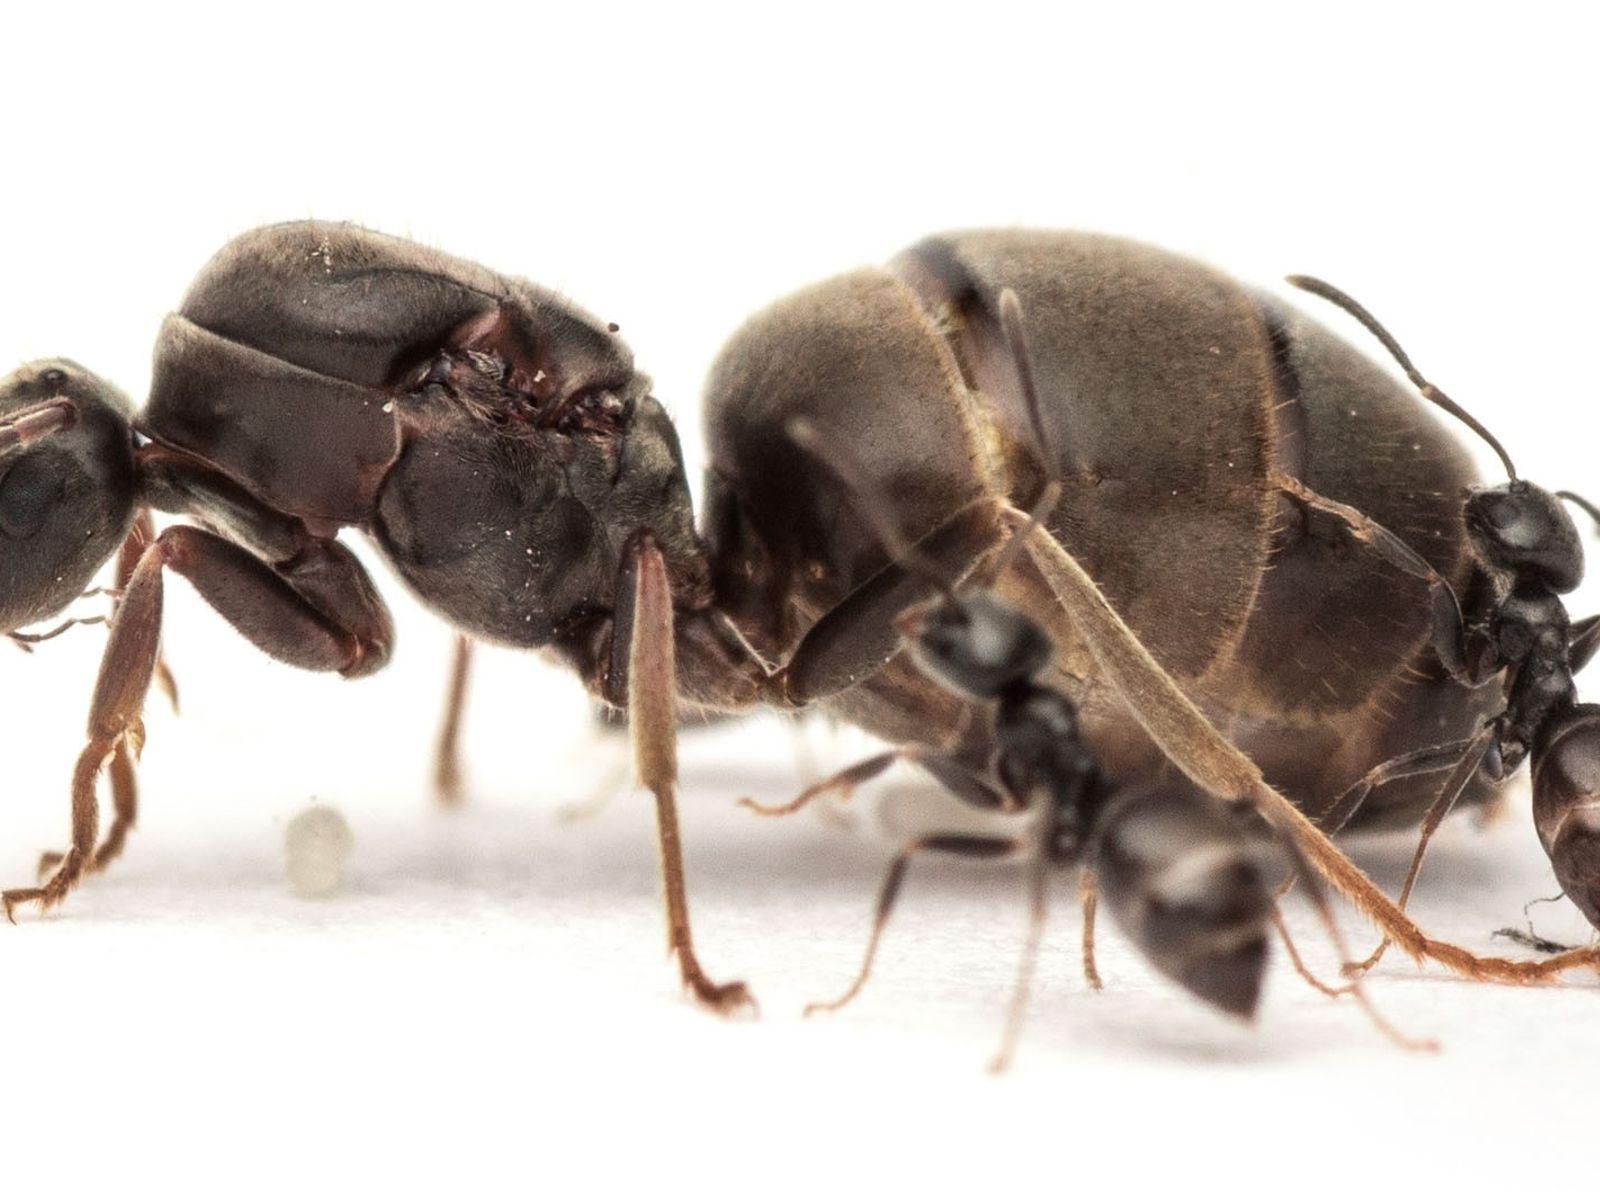 Uma rainha da espécie Lasius niger avulta ao lado de duas formigas operárias.